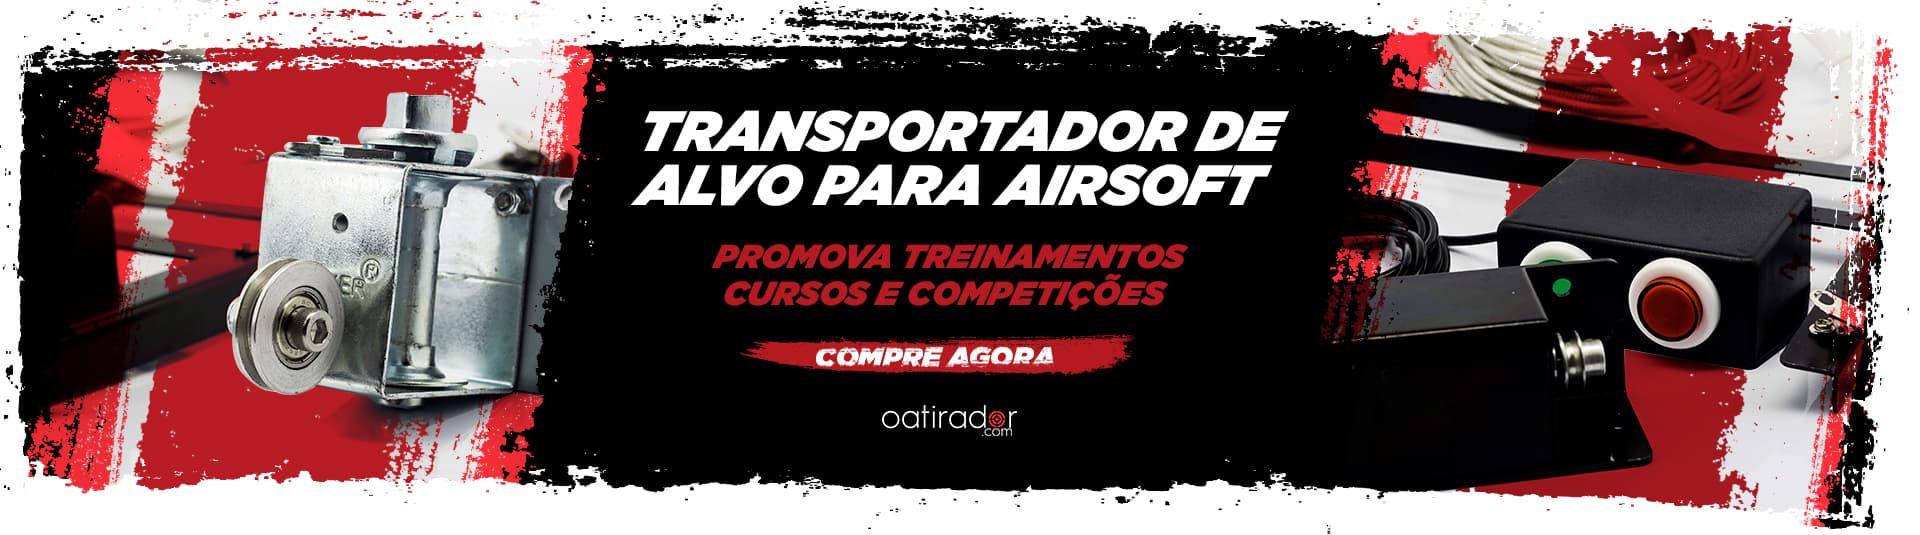 LR 2021-04-28 Transportador de Alvo para Airsoft